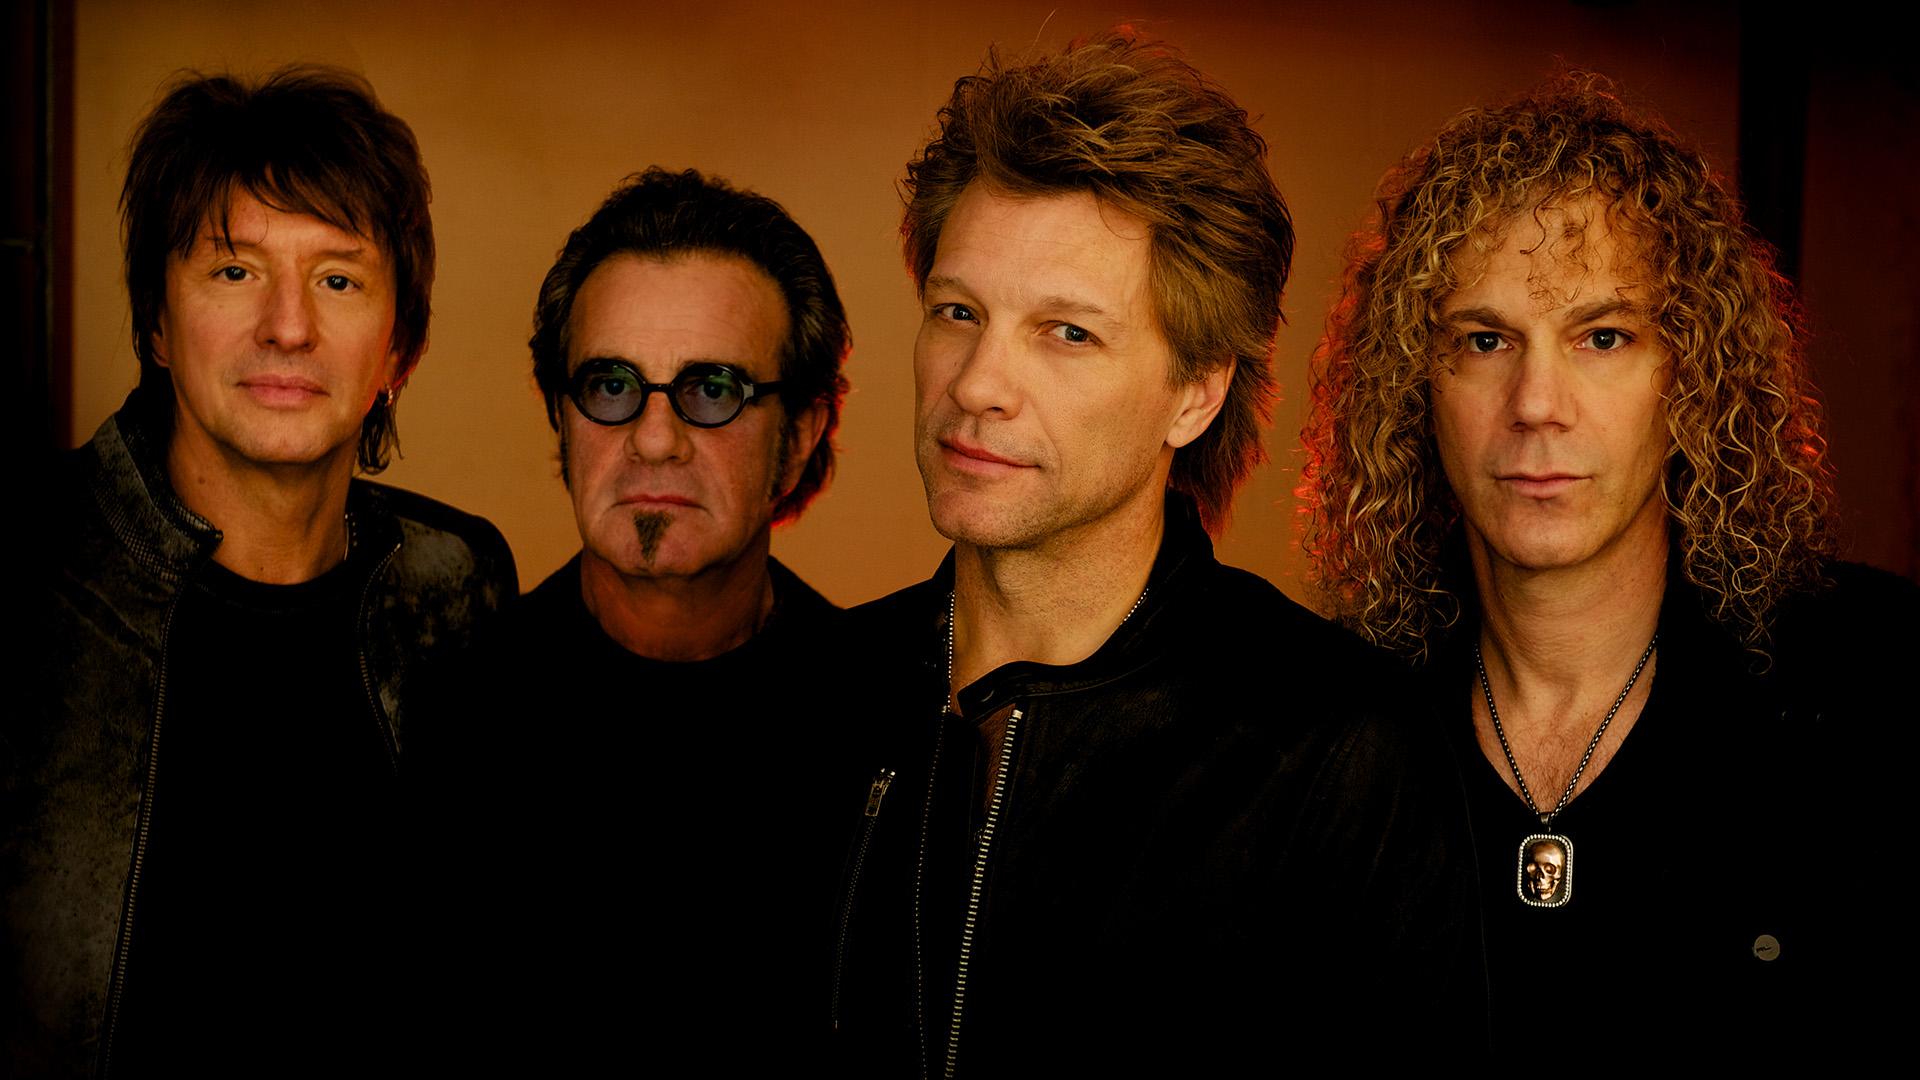 Bon Jovi - 1920x1080